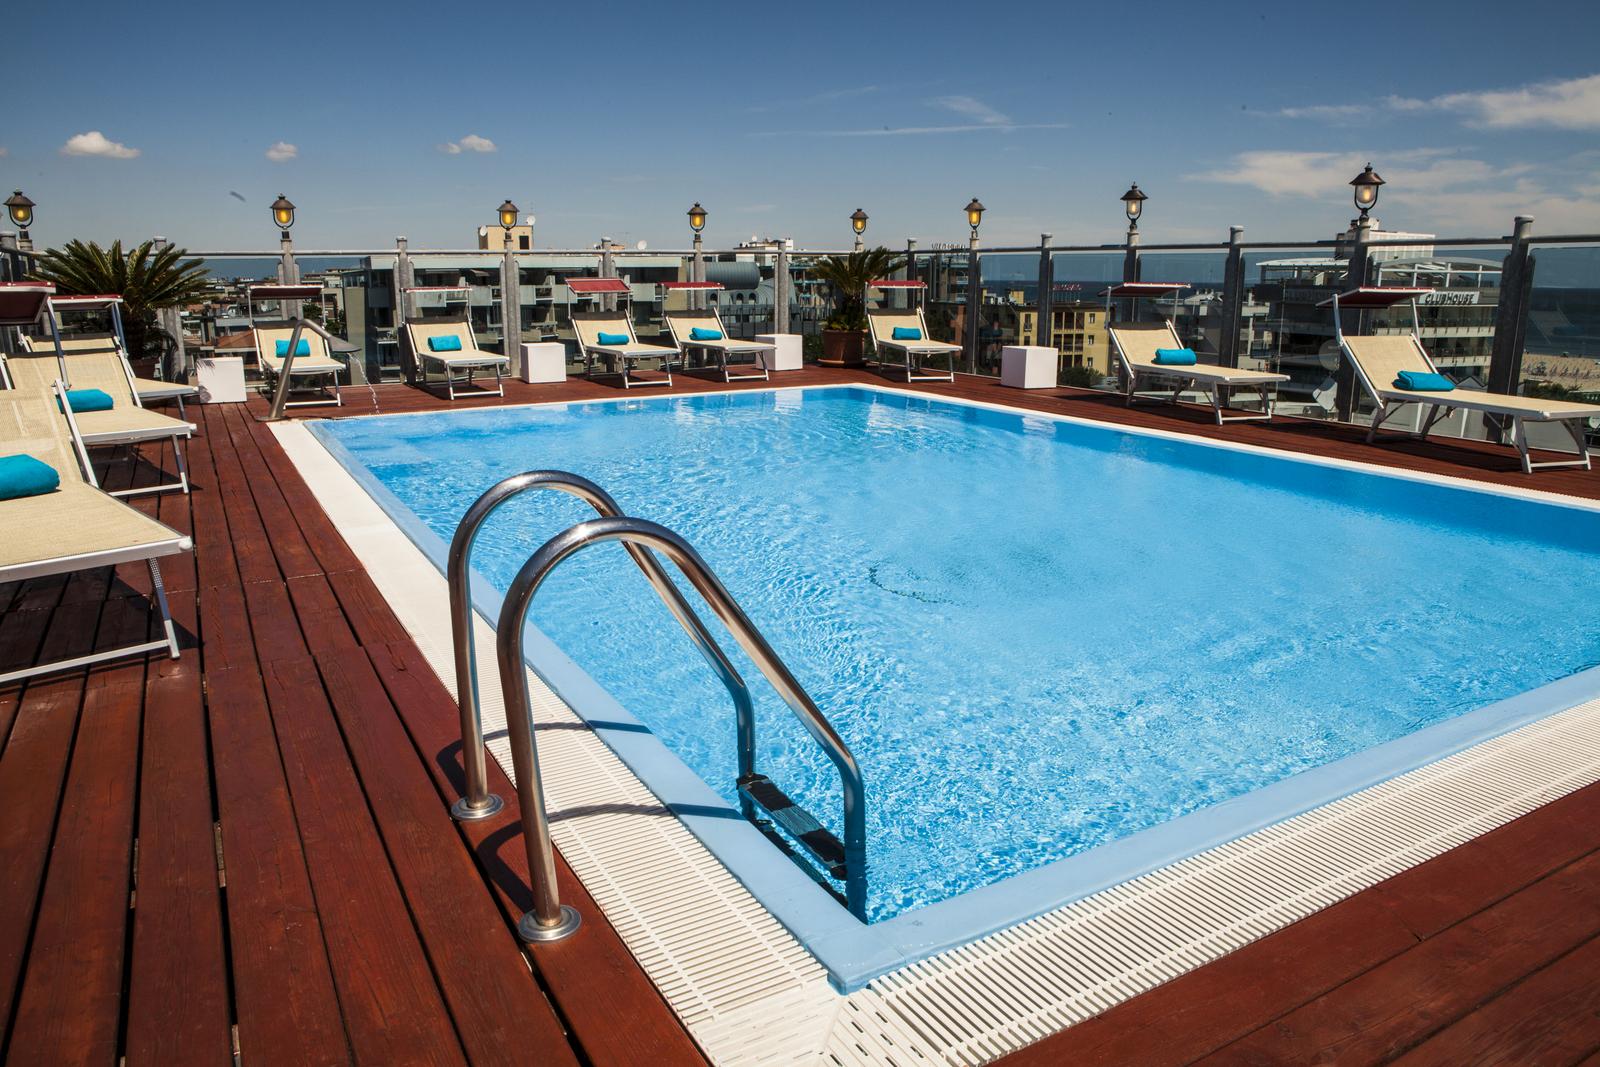 Hotel president l 39 hotel 4 stelle sul lungomare di marina - Residence rimini con piscina ...